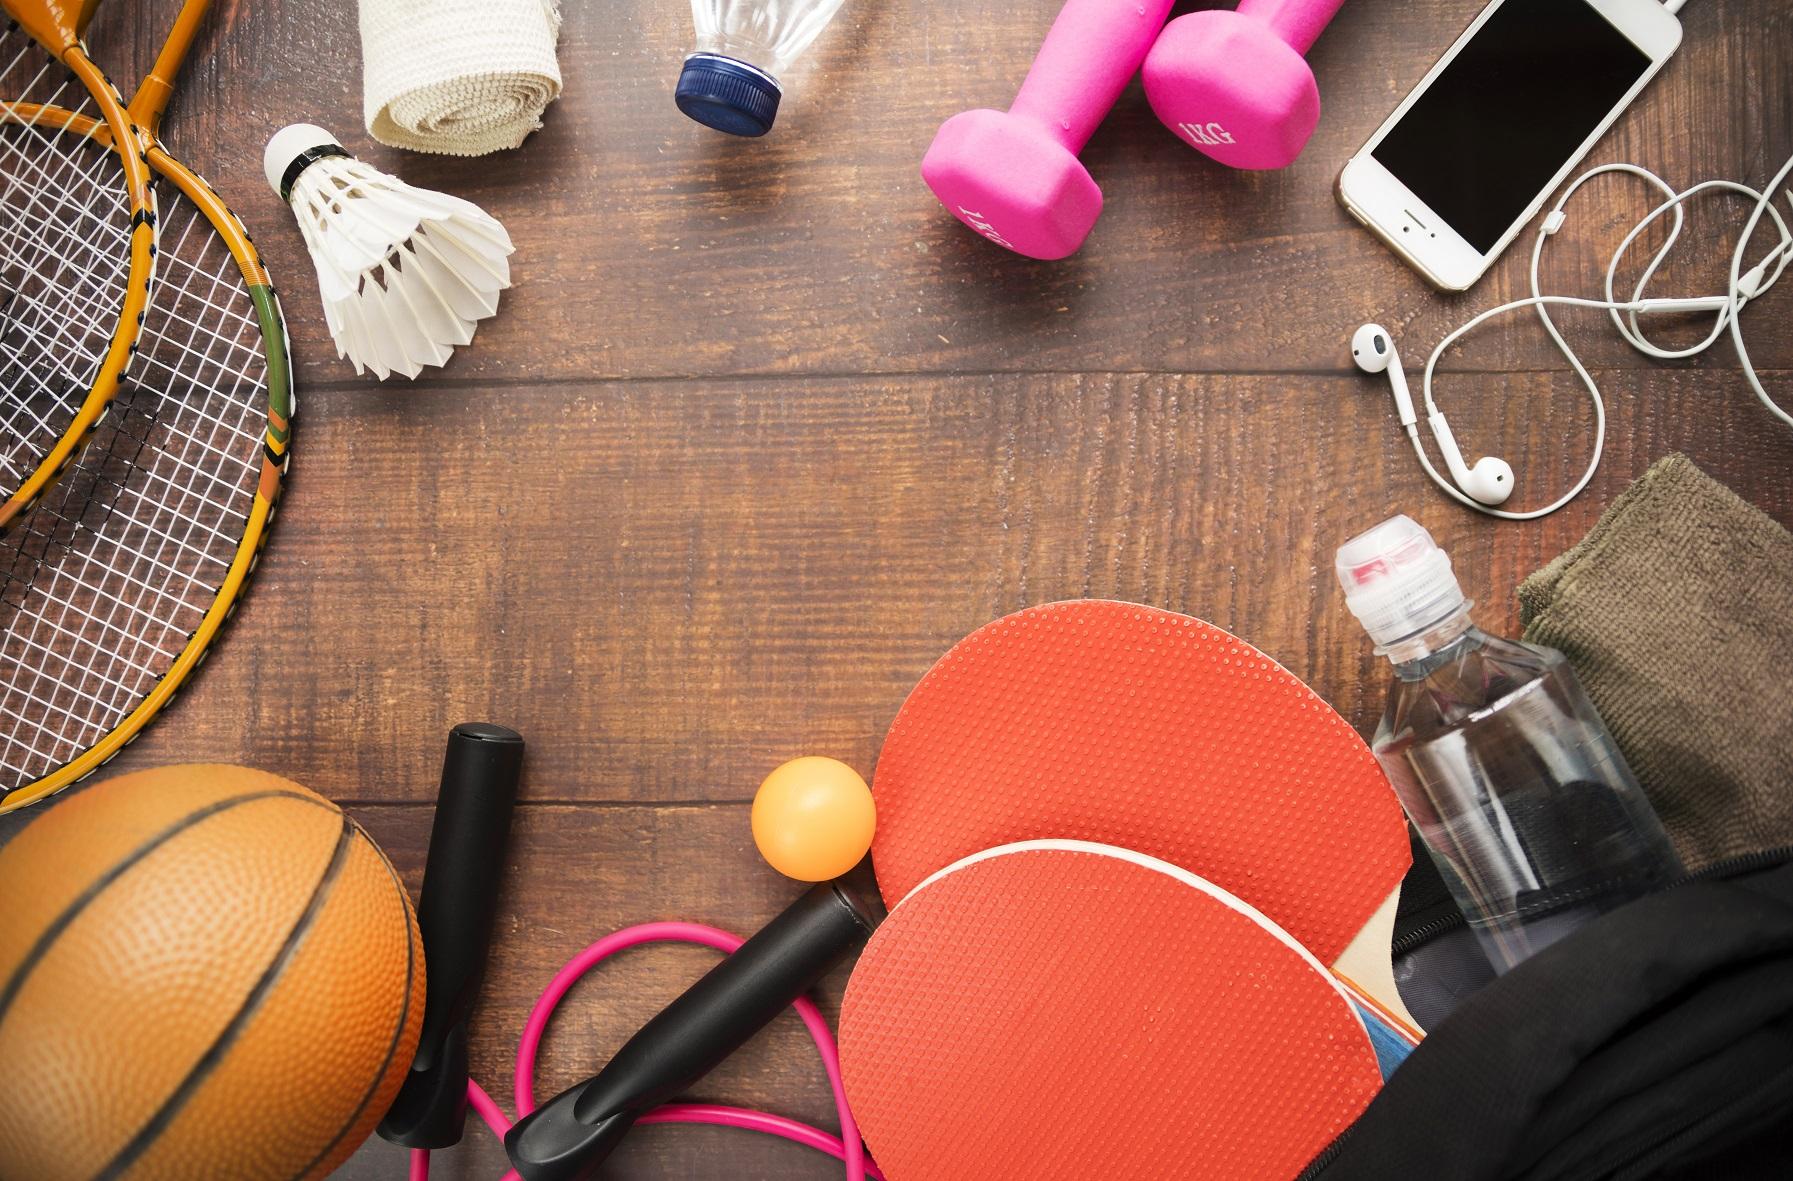 5 Jenis Olahraga Untuk Bantu Redakan Kecemasan Saat Pandemi Corona Covid-19